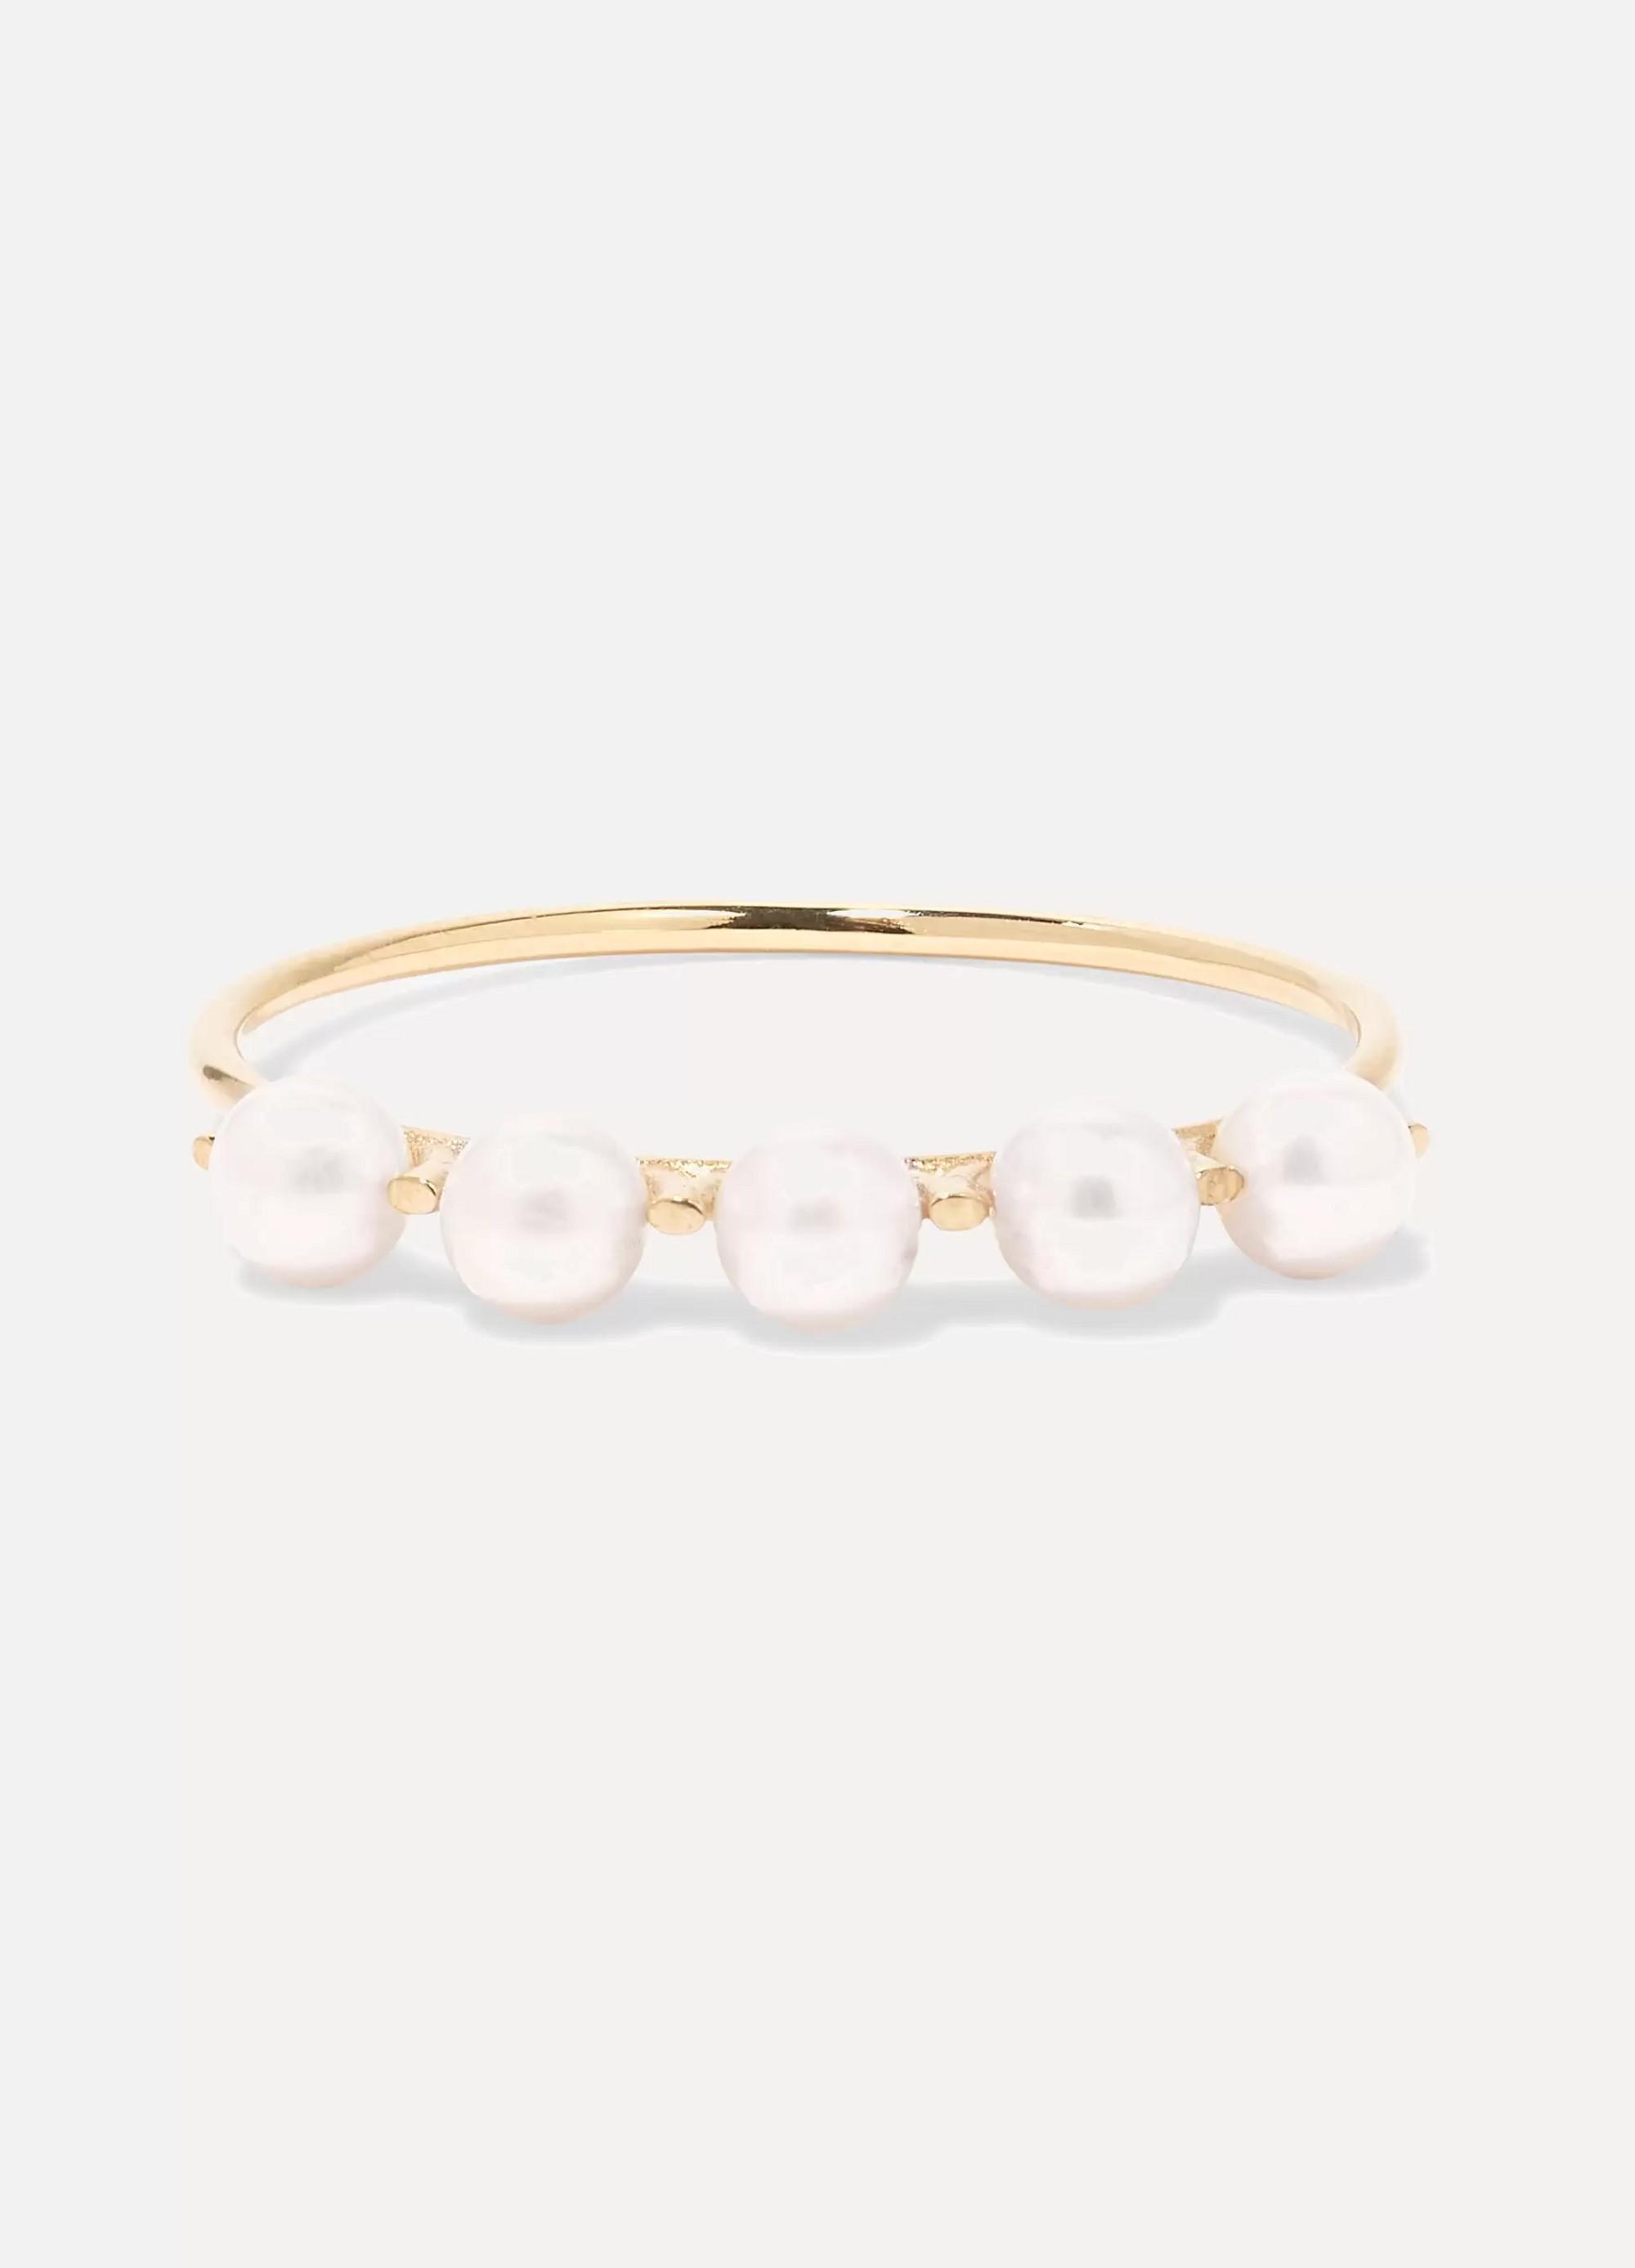 SARAH & SEBASTIAN Phoebe Perle goldfarbener Ring mit Perlen